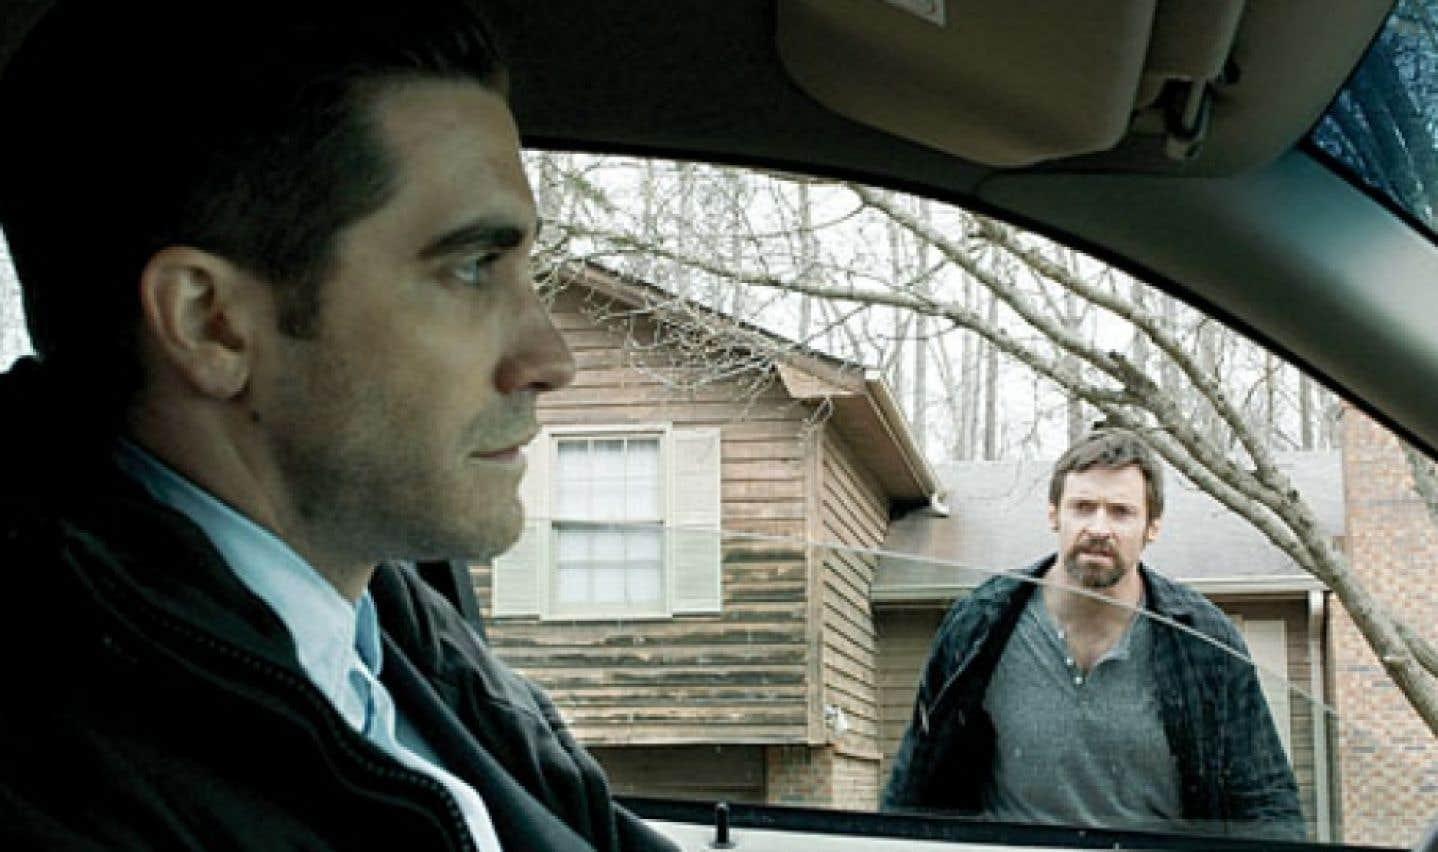 Le drame du studio Warner Bros. mettant en vedette Hugh Jackman et Jake Gyllenhaal, est l'une des premières oeuvres susceptibles d'être récompensées aux Oscars à se retrouver en salle.